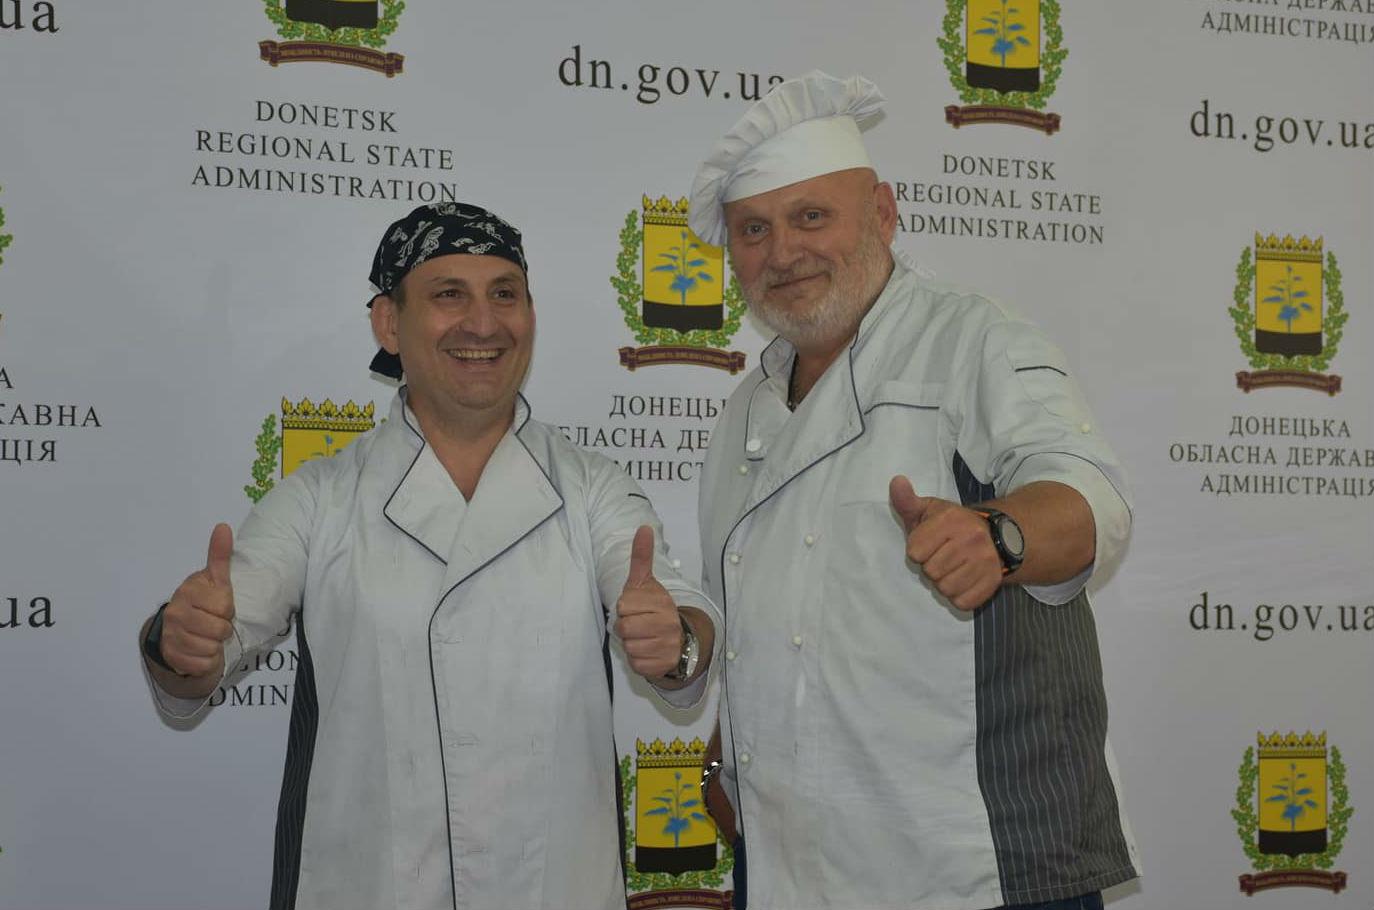 Евгений Вилинский (слева) и Игорь Стокоз (справа) приехали работать в Донбасс, чтобы восстановить регион (Фото из личного архива)